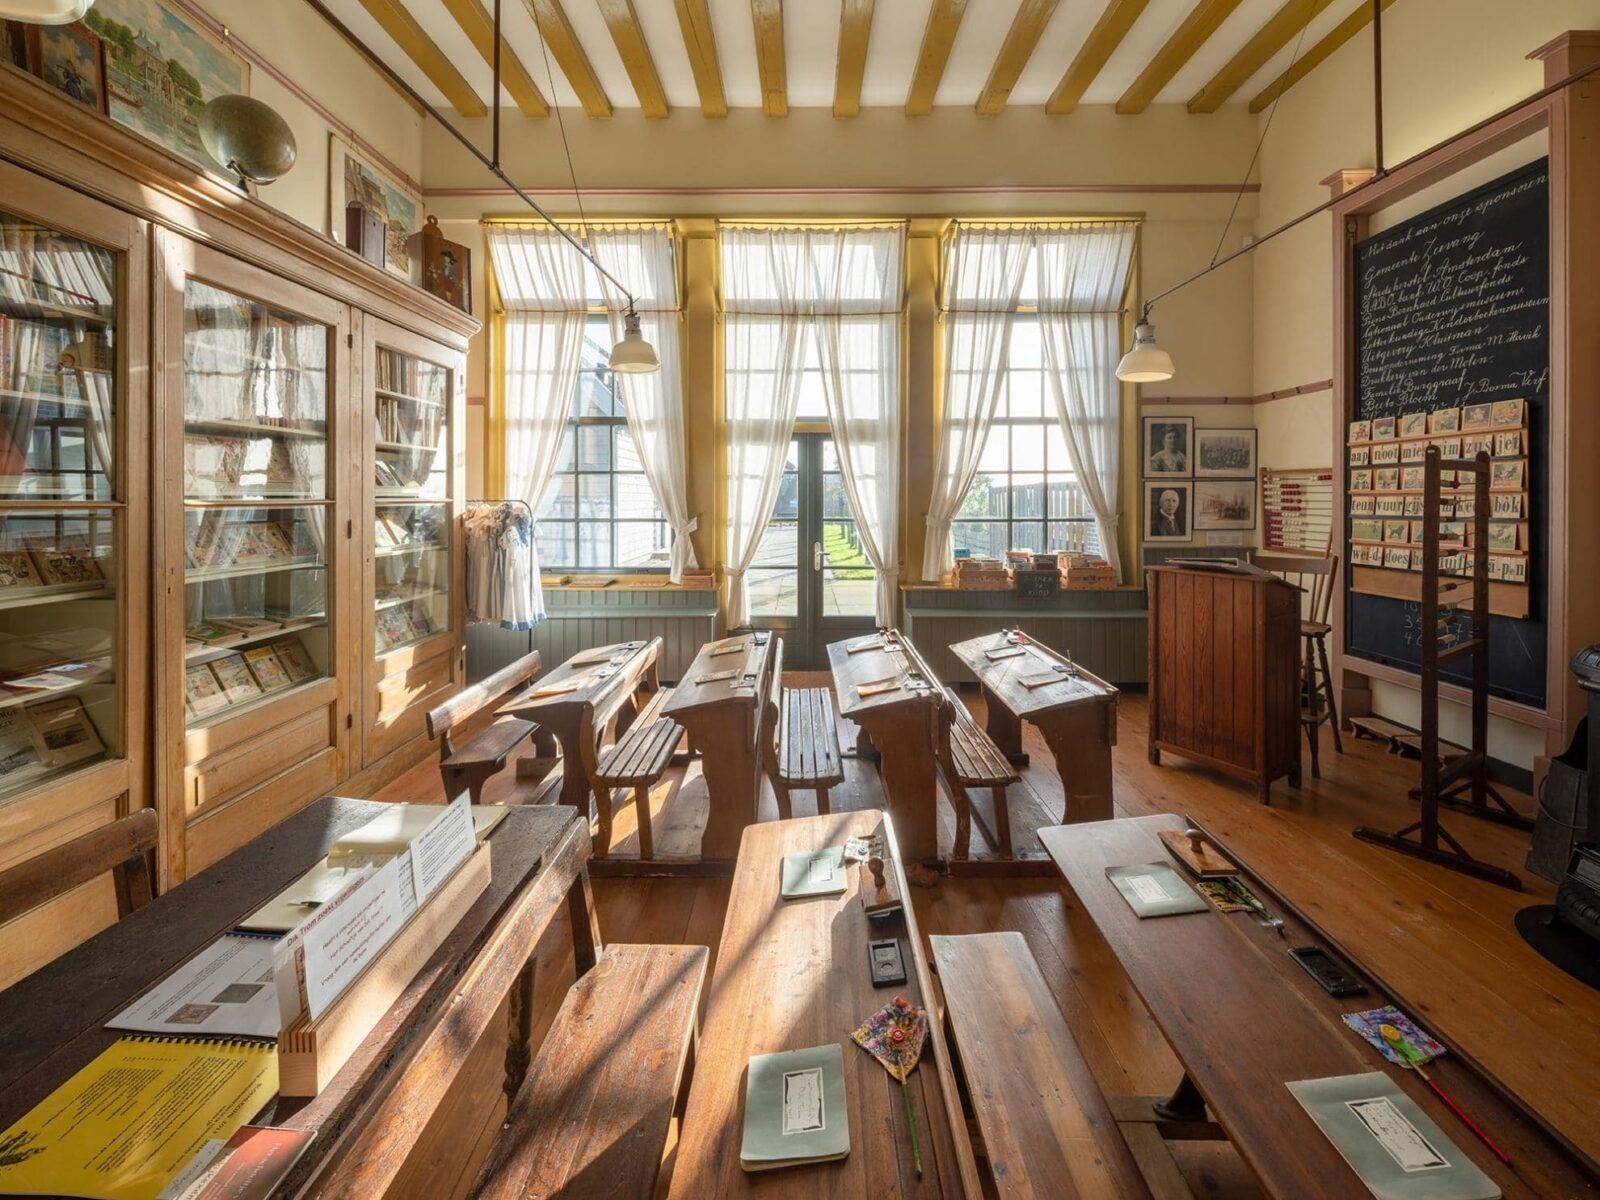 Schooltje Dik Trom - Voorbeeldprojecten Steunpunt Monumenten & Archeologie